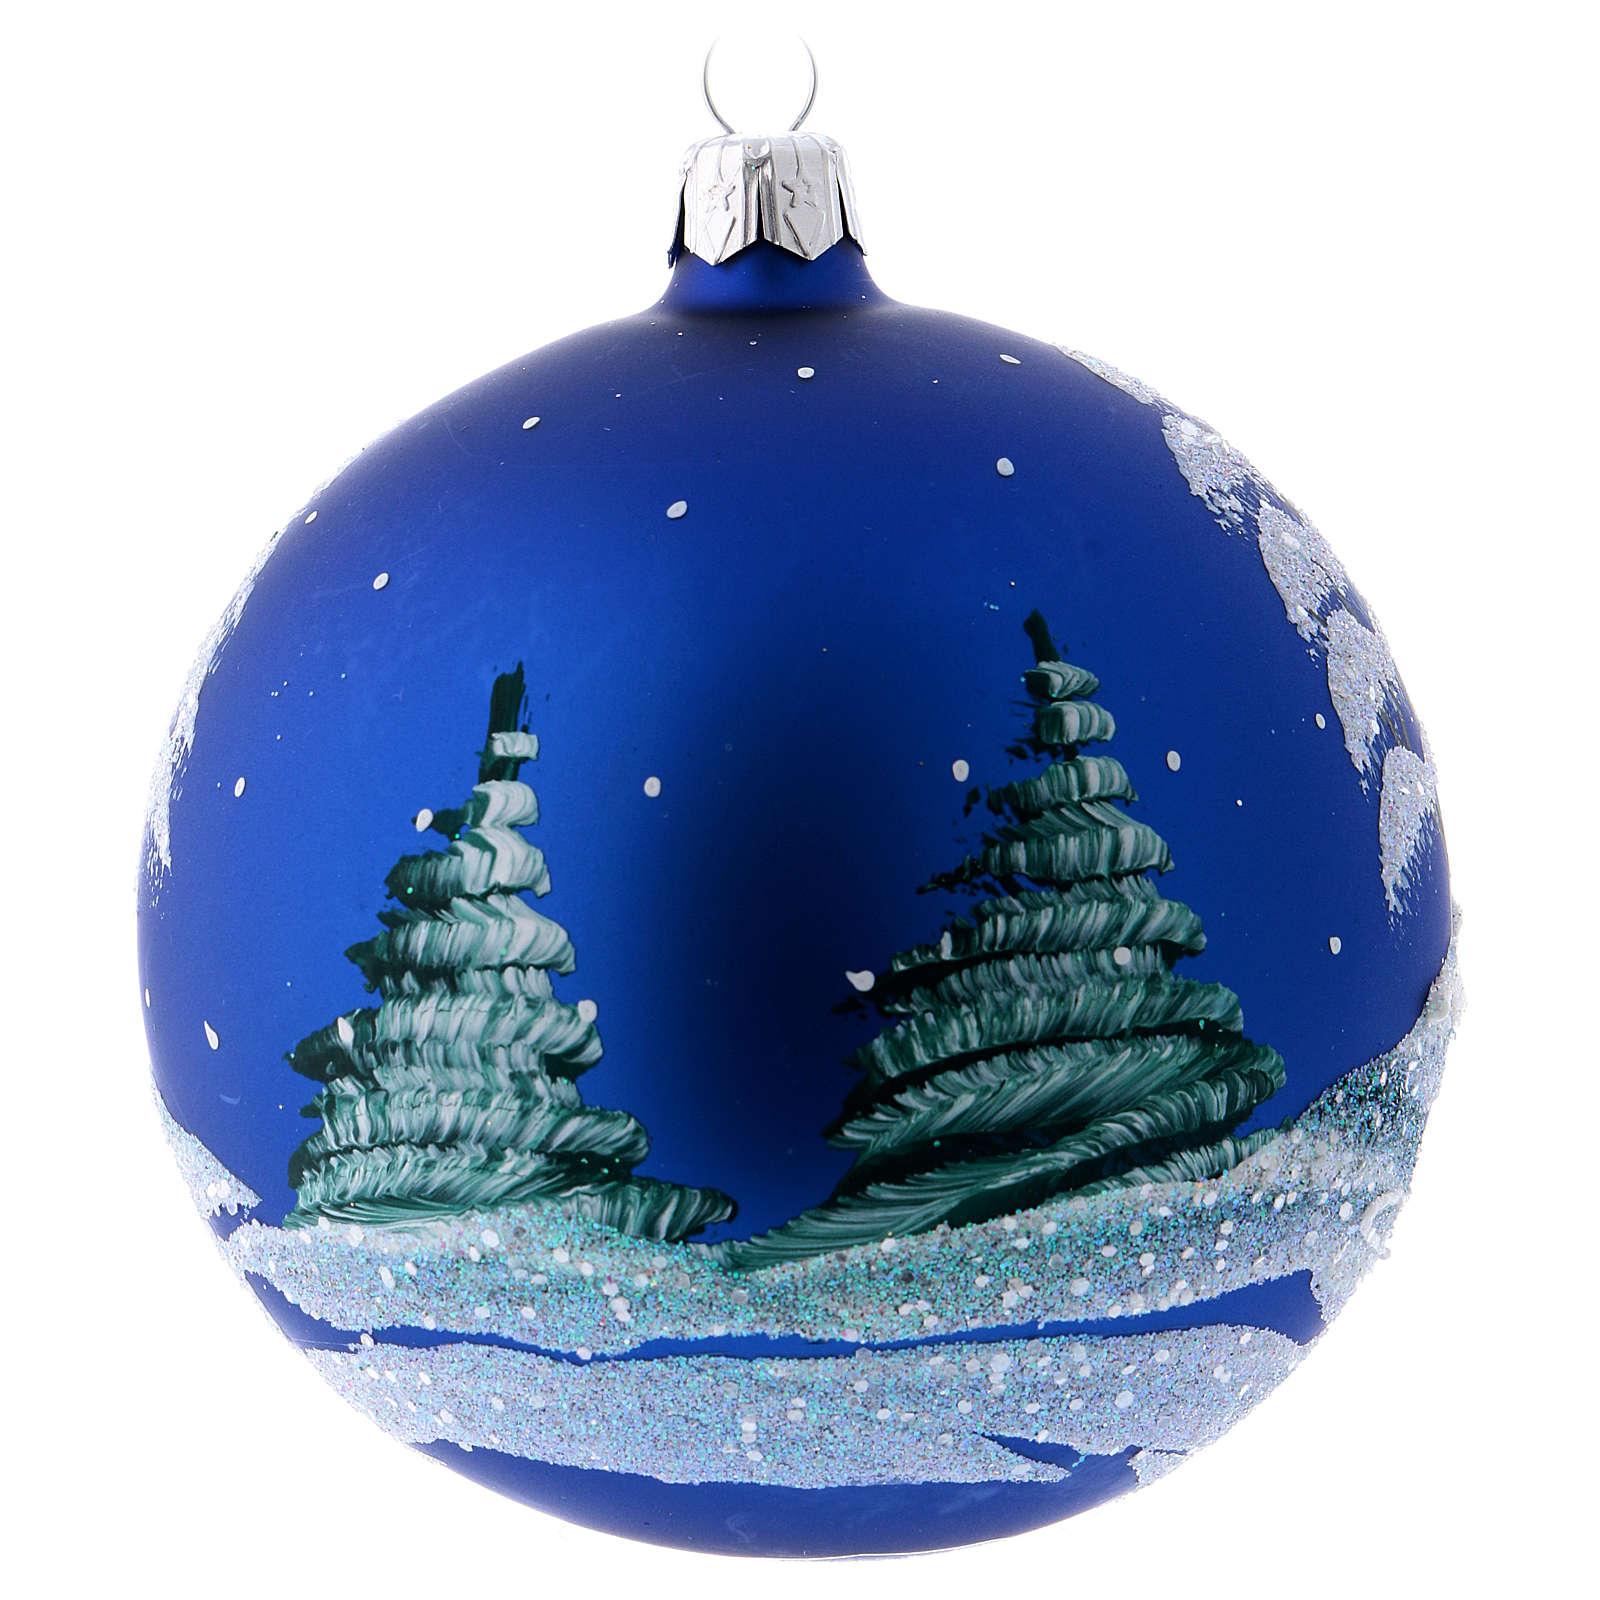 Christmas Bauble blue Landscape with snow 10cm 4